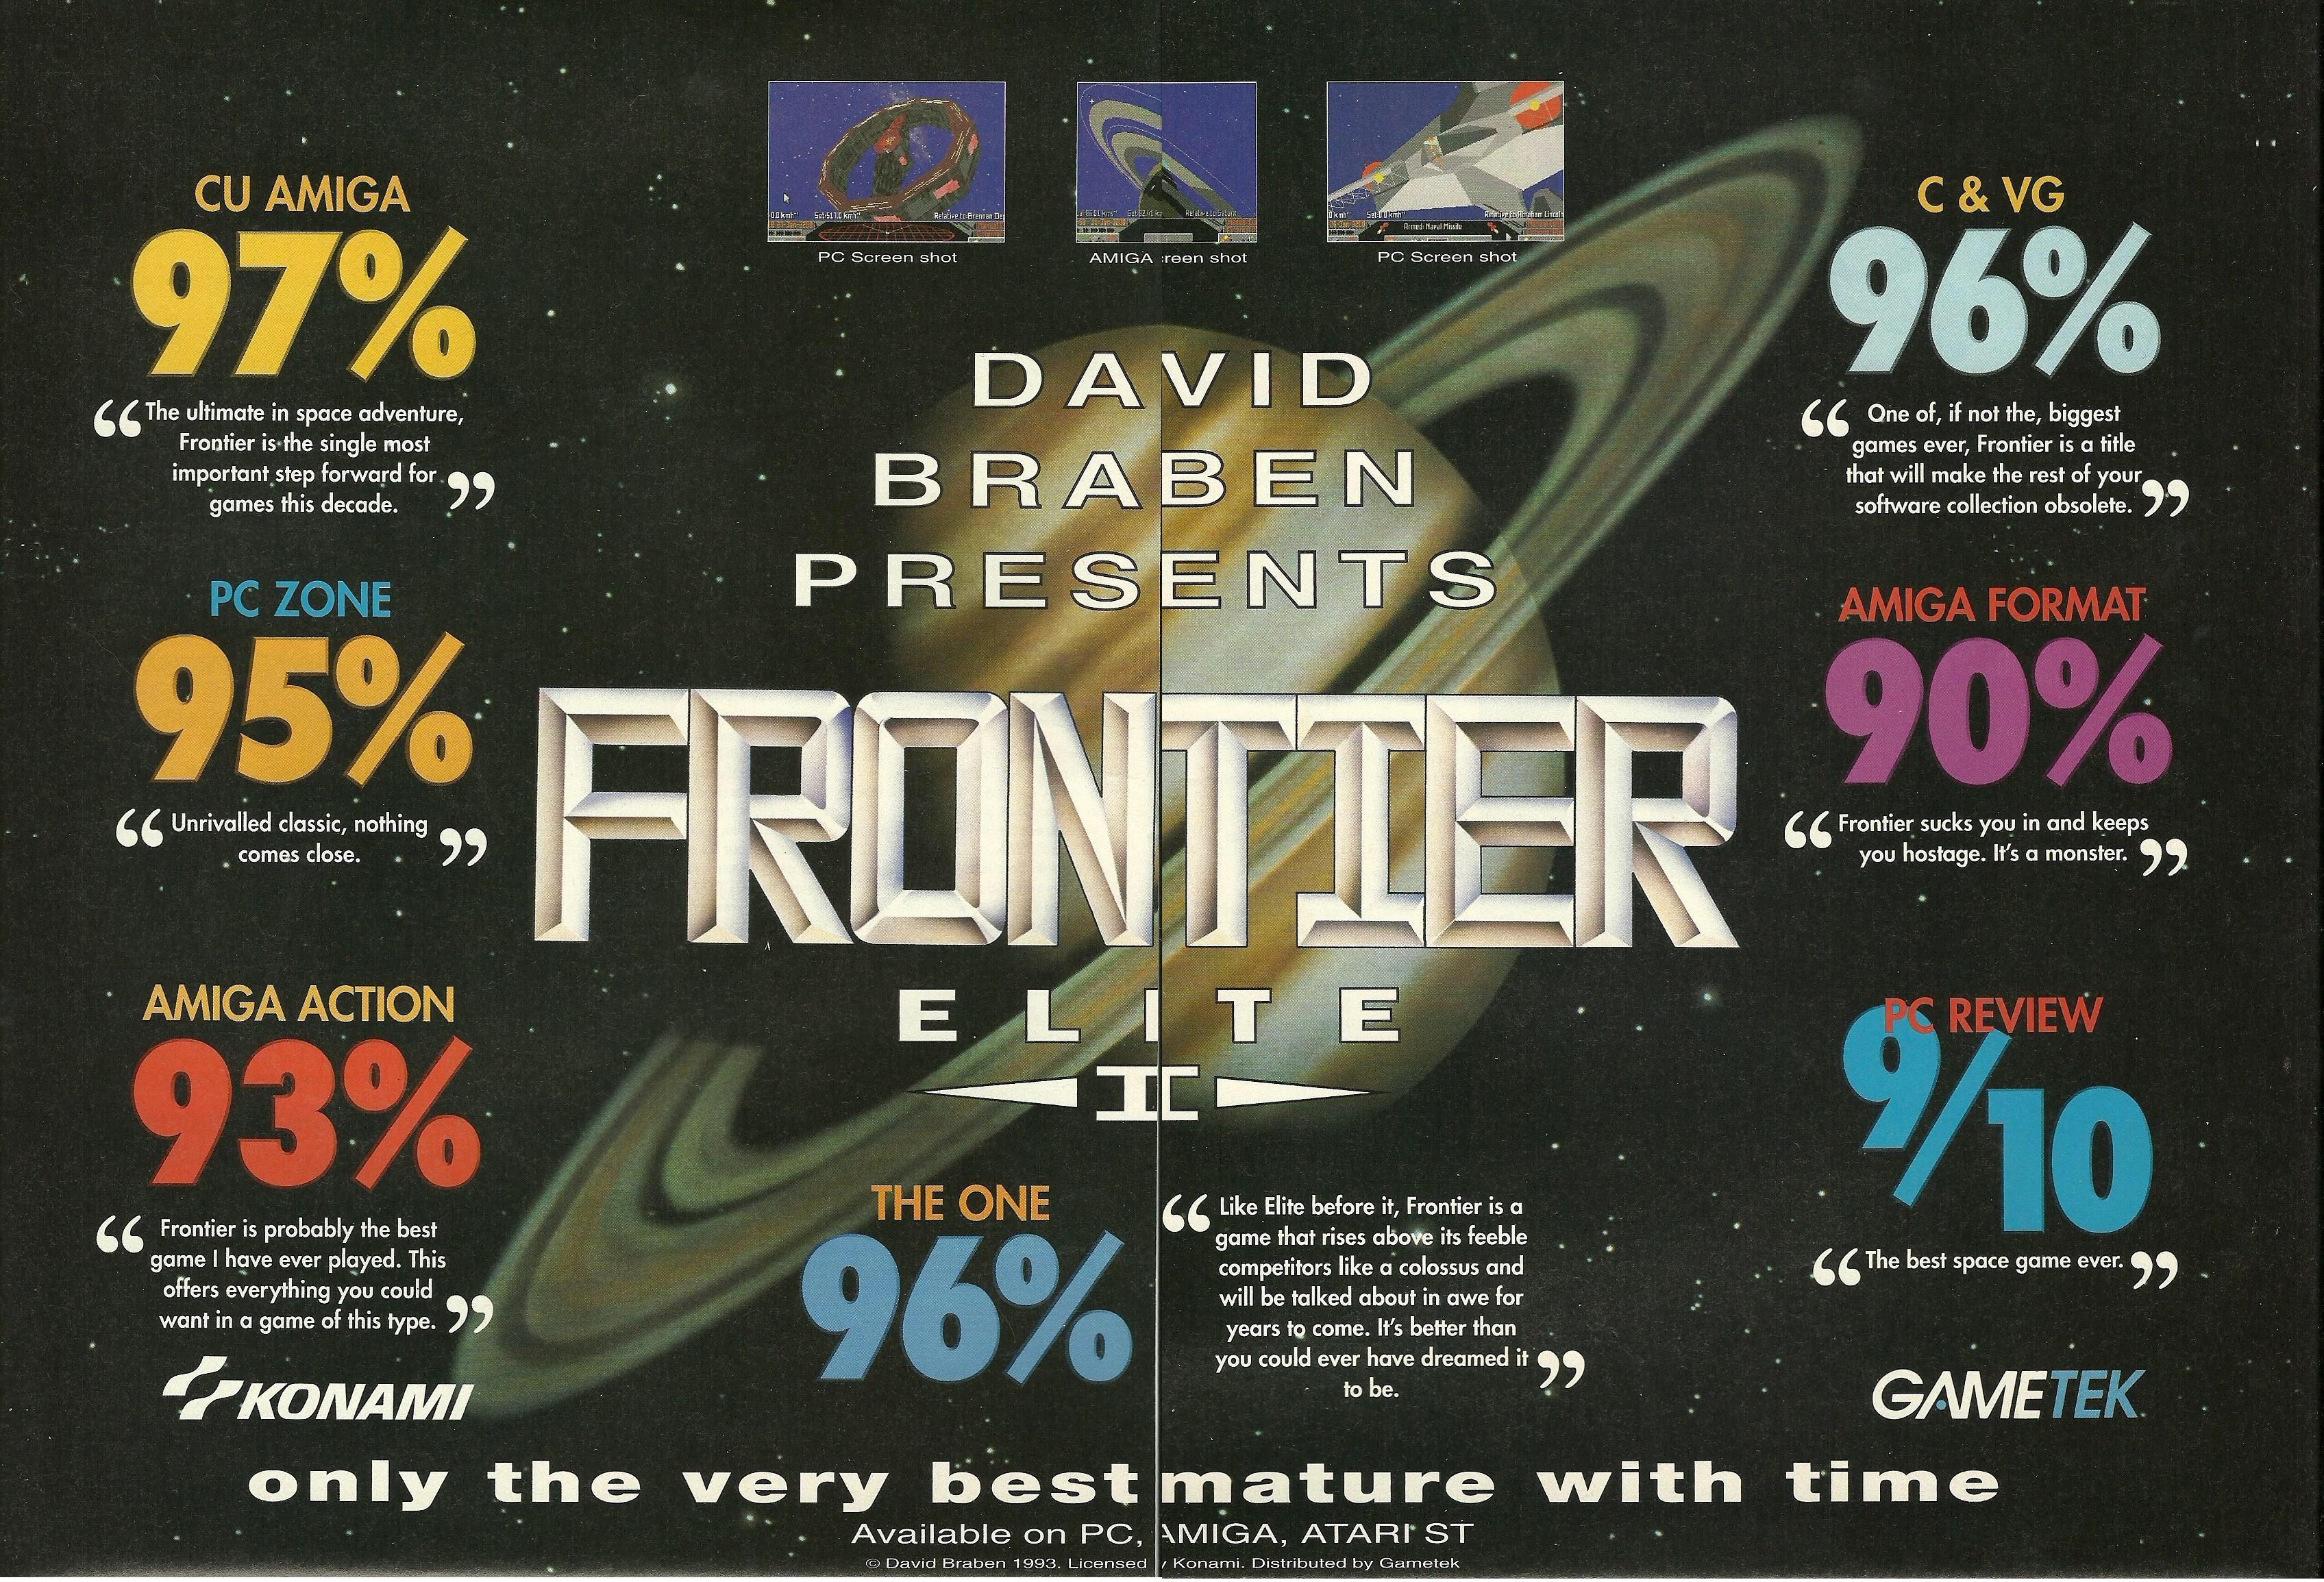 Mit Frontier - ELITE II mag das 1985er-Original gut gereift sein aber der Ur-Amiga 500 steigt langsam aber sicher aus. Zu viel, zu schnell, da sehnt man sich zurück, als die Marble Madness-Umsetzung die Zukunft einläutete...A500 - Nie vergessen.